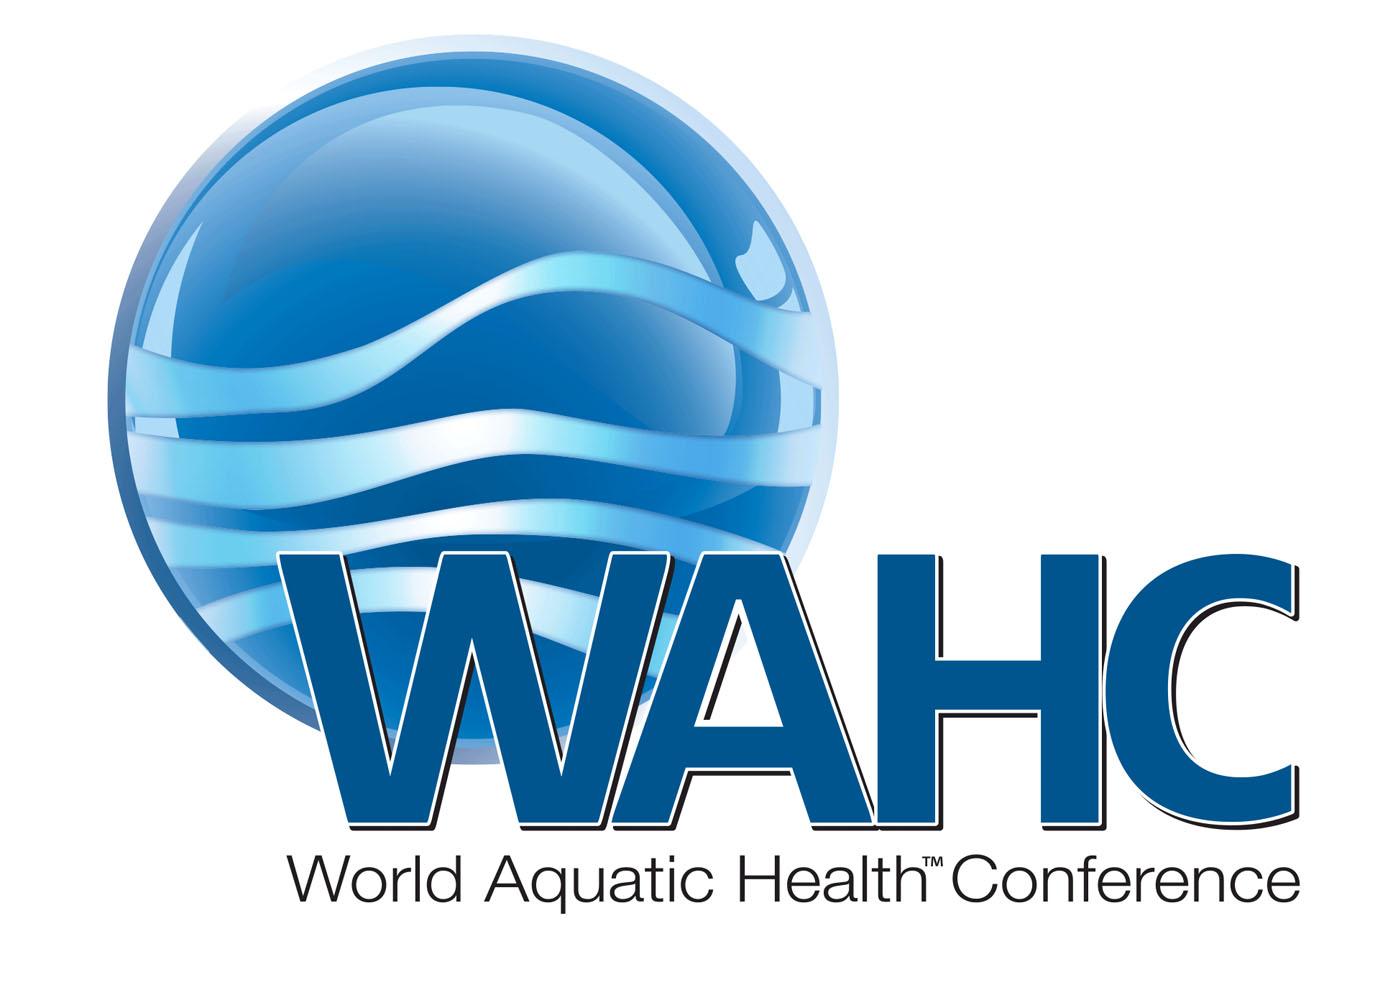 WAHC.jpg